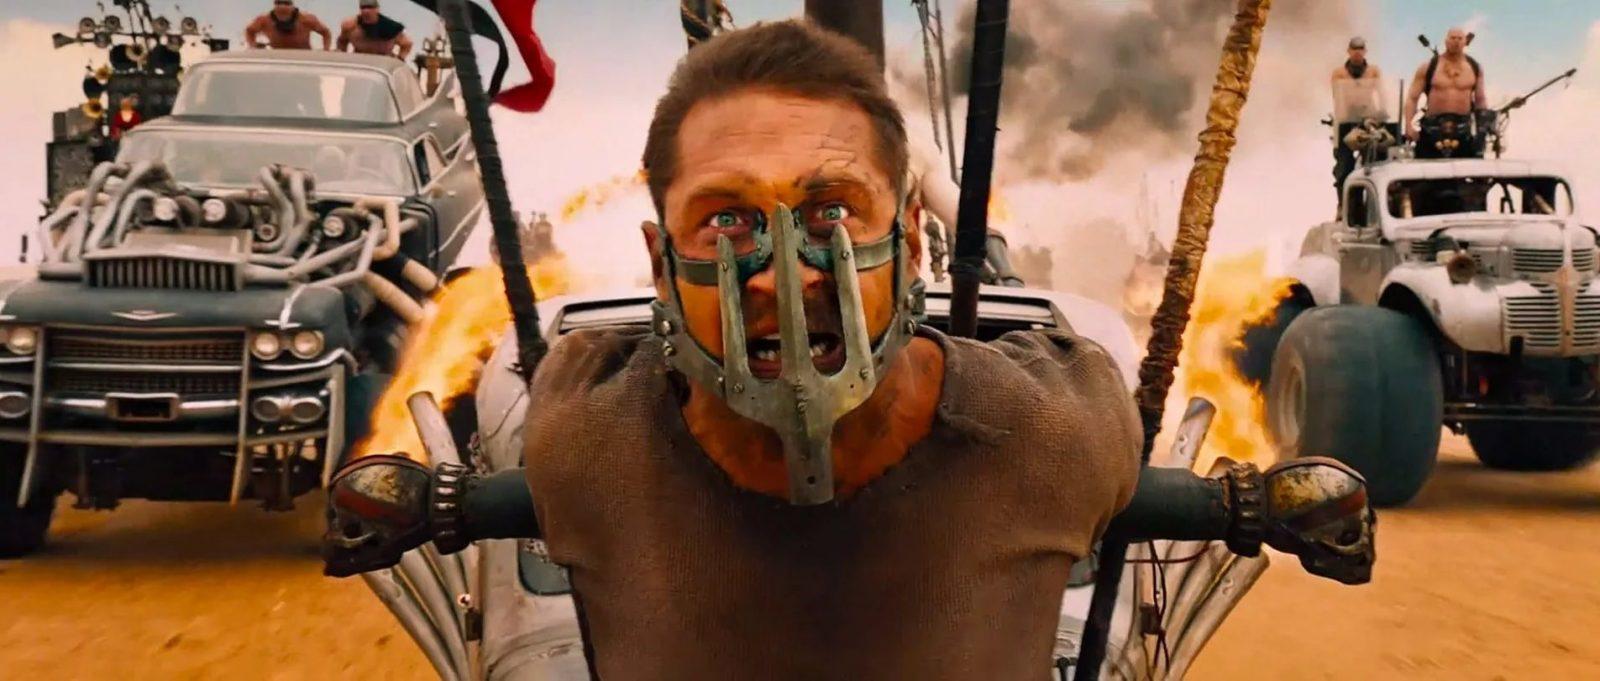 Продолжение «Безумного Макса» в планах Warner Bros.